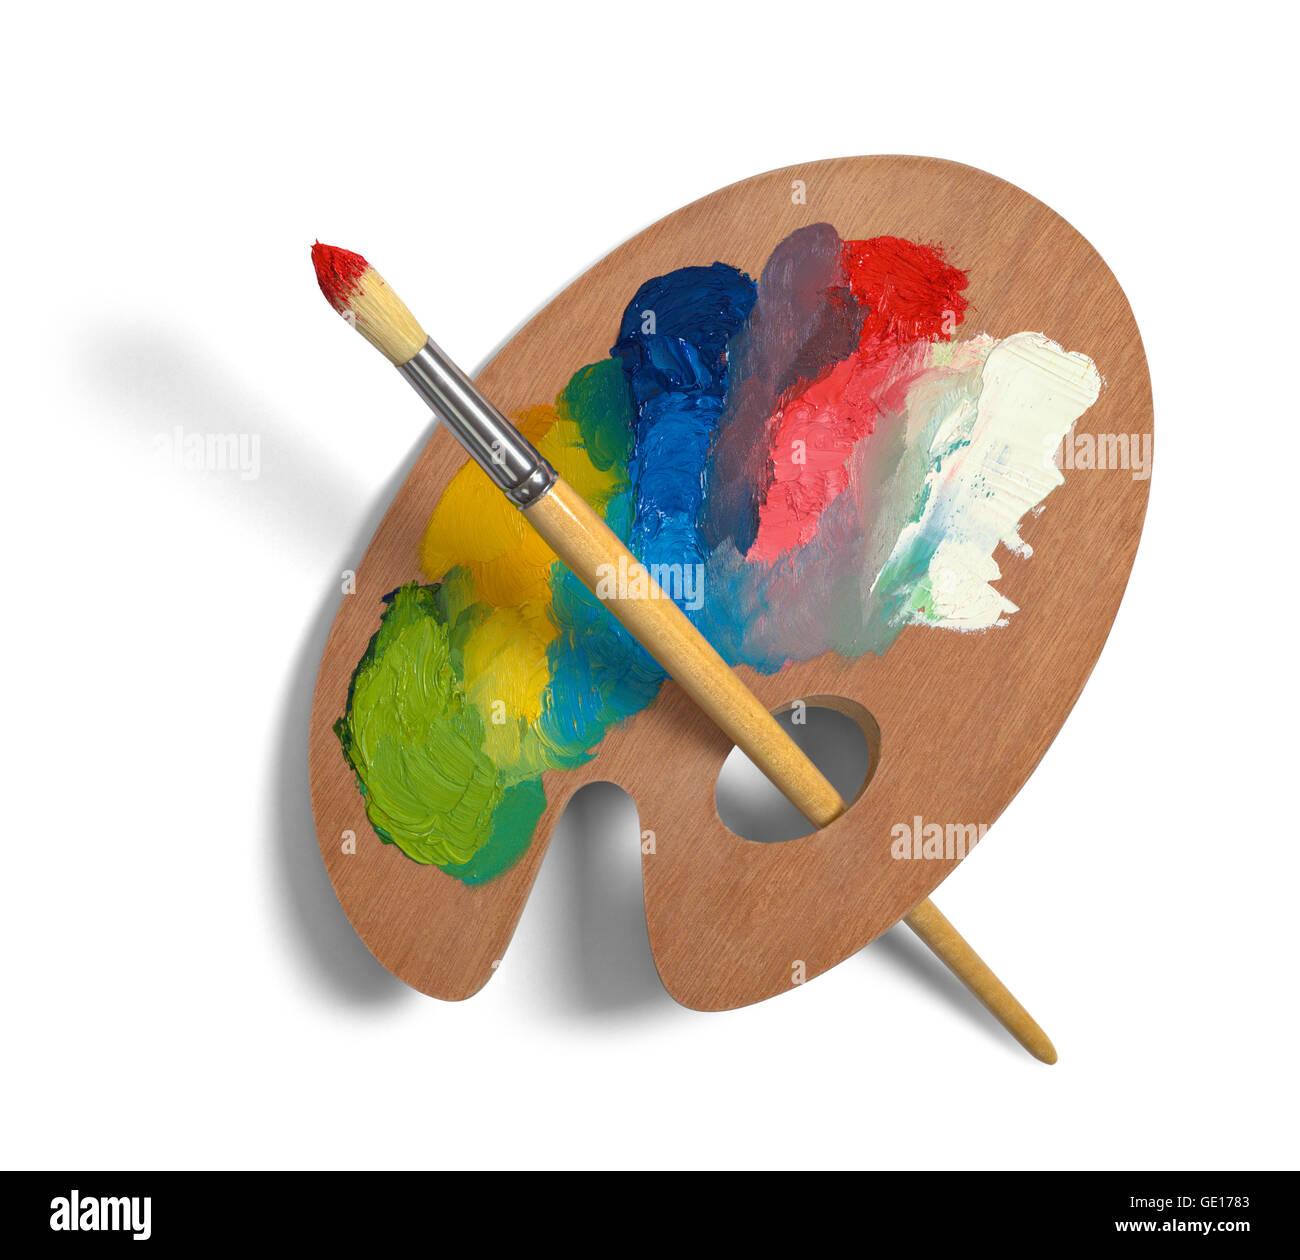 Maler-Palette mit gemischten Farben und Pinsel, Isolated on White Background. Stockbild